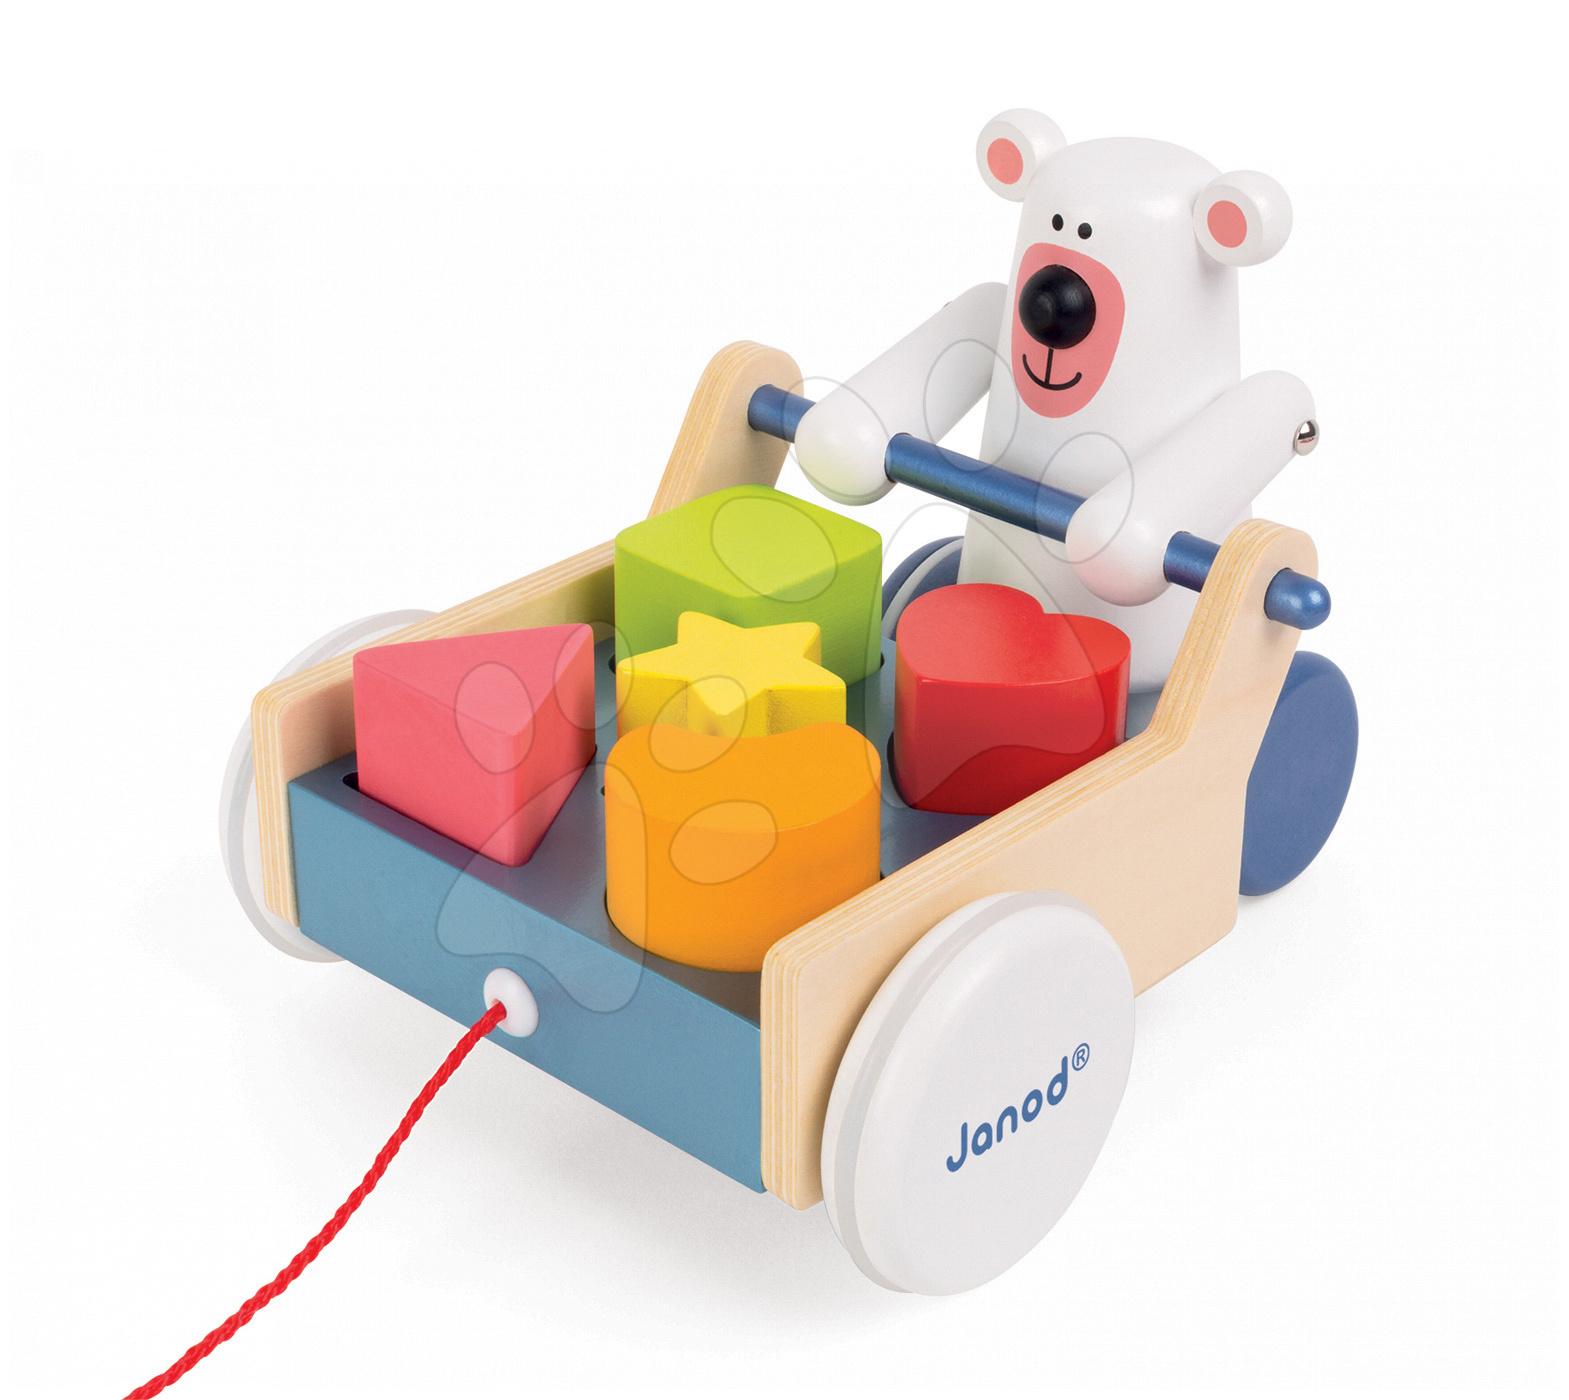 Ťahacie hračky - Drevený ťahací vozík Medveď Janod s vkladacími kockami od 12 mes